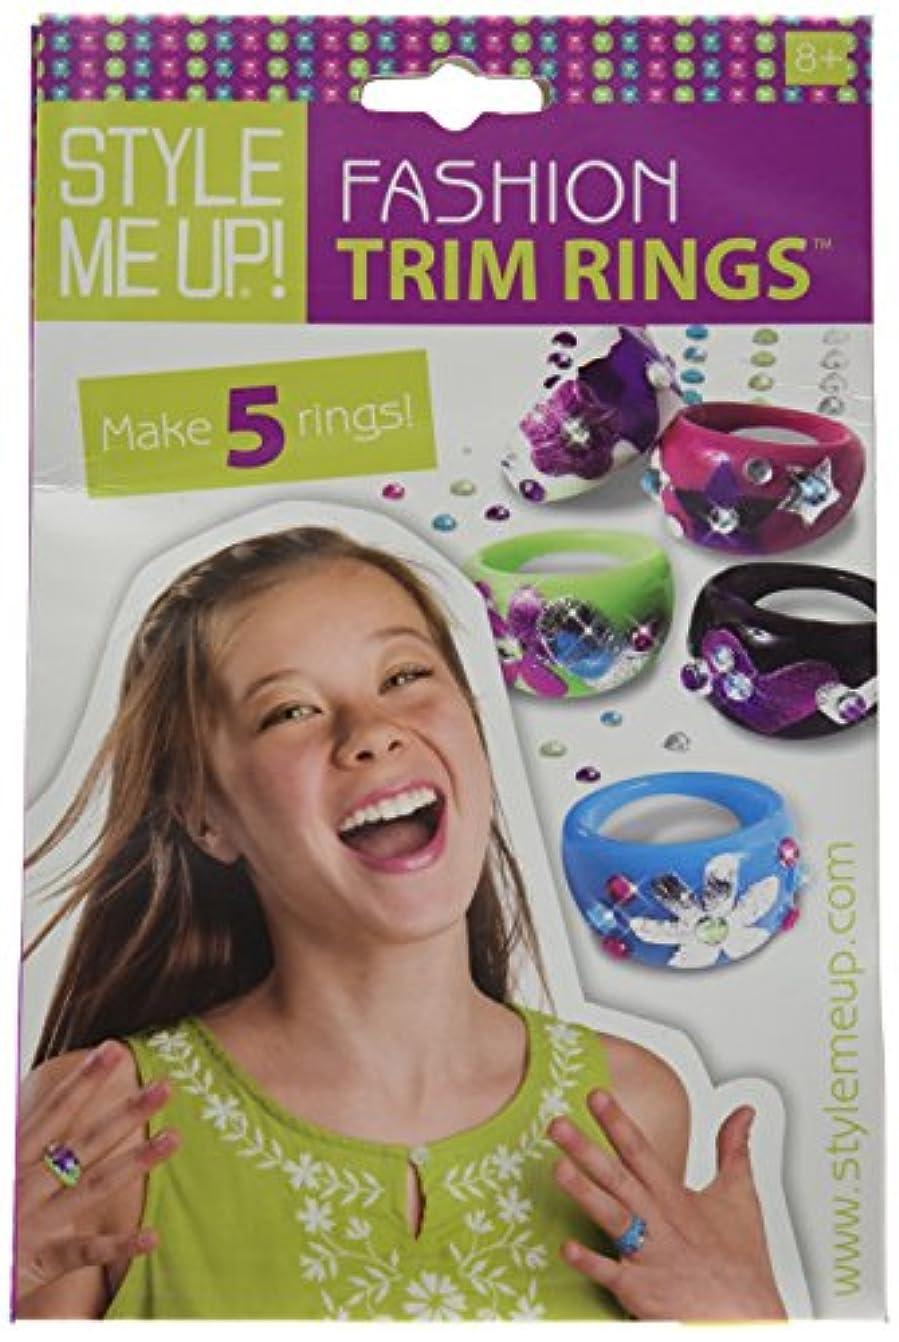 チョコレートトピック重要Style Me Up Fashion Trim Rings Kit- (並行輸入品)